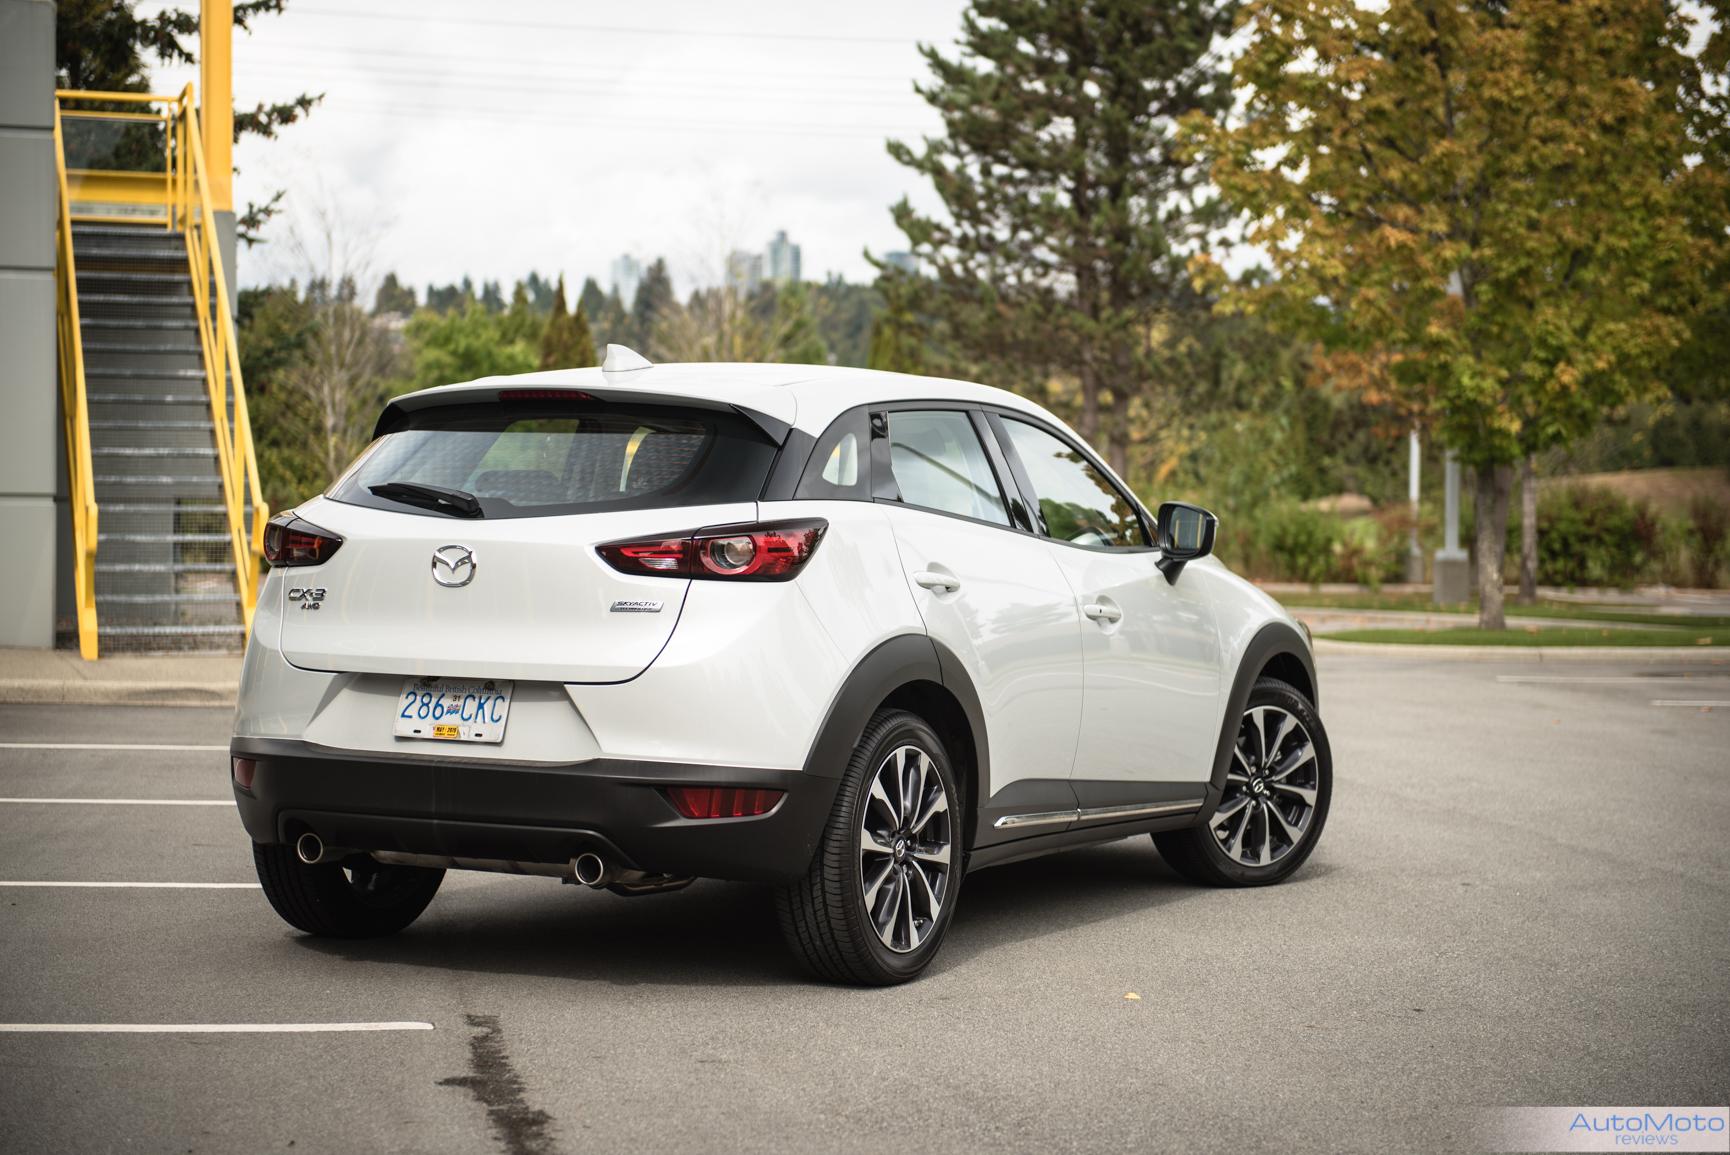 2019 Mazda Cx-3-4